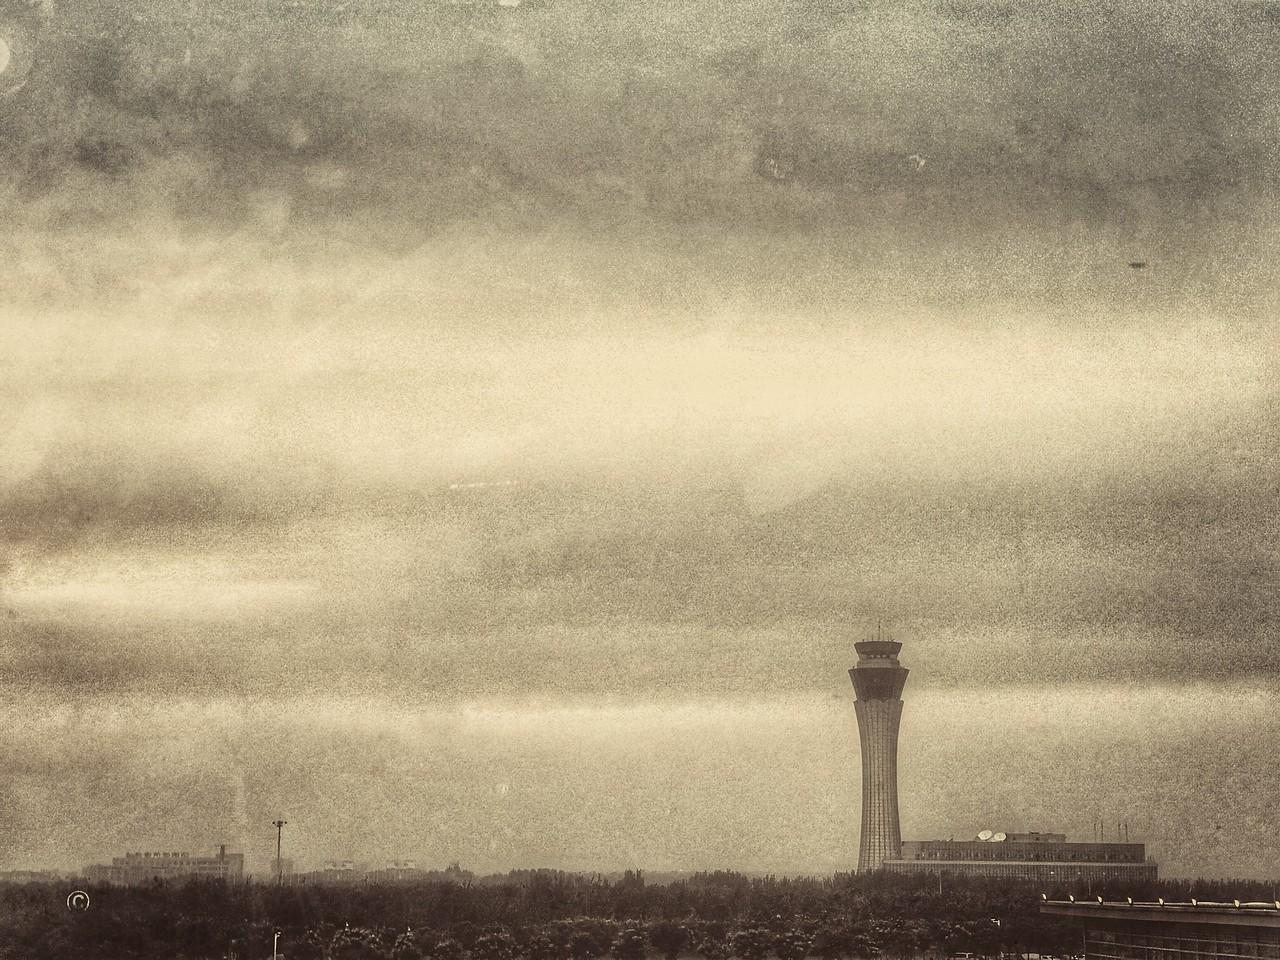 Thursday Jul 27 - Tower